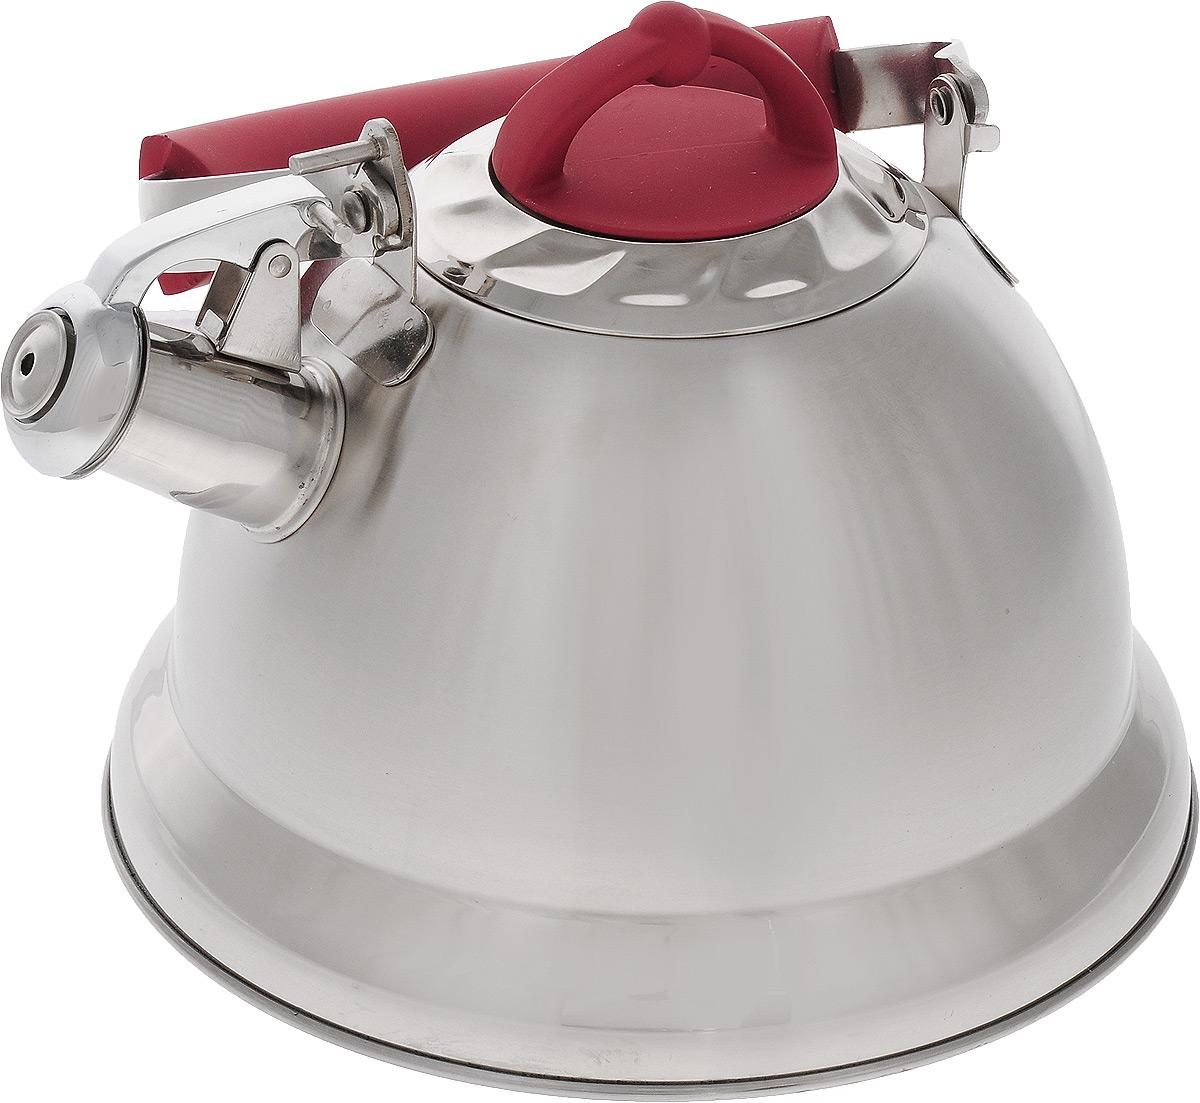 Чайник Mayer & Boch, со свистком, цвет: стальной, красный, 3,2 л. 2278022780Чайник Mayer & Boch изготовлен из высококачественной нержавеющей стали, что делает его весьма гигиеничным и устойчивым к износу при длительном использовании. Капсулированное дно обеспечивает равномерный и быстрый нагрев, поэтому вода закипает гораздо быстрее, чем в обычных чайниках. Чайник оснащен откидным свистком, звуковой сигнал которого подскажет, когда закипит вода. Подвижная ручка из стали и бакелита дает дополнительное удобство при разлитии напитка. Чайник Mayer & Boch идеально впишется в интерьер любой кухни и станет замечательным подарком к любому случаю. Подходит для газовых, стеклокерамических, индукционных и электрических плит. Можно мыть в посудомоечной машине. Высота чайника (без учета ручки и крышки): 13,5 см. Высота чайника (с учетом ручки и крышки): 24 см. Диаметр чайника (по верхнему краю): 10,5 см.